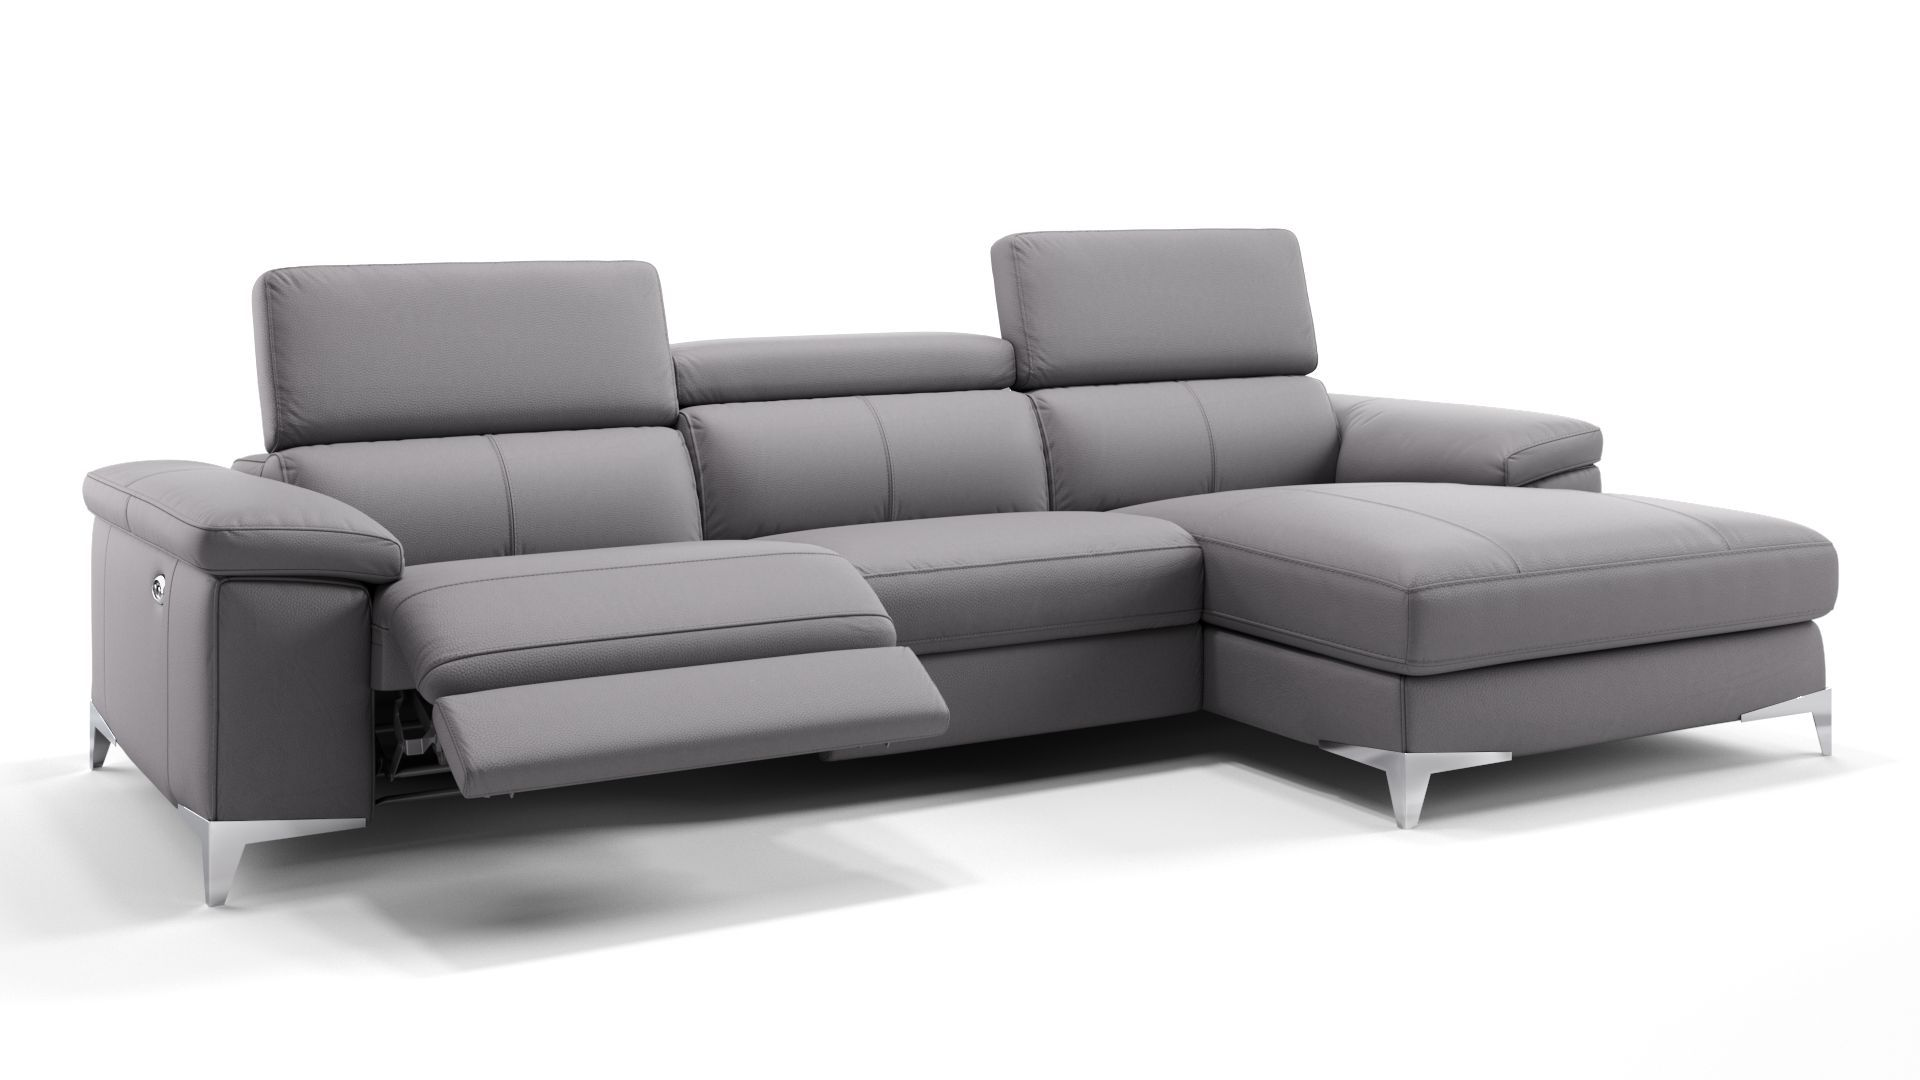 Schön Elektrisches Sofa Dekoration Von Details Elektrische Relaxfunktion Per Knopfdruck Am äußeren